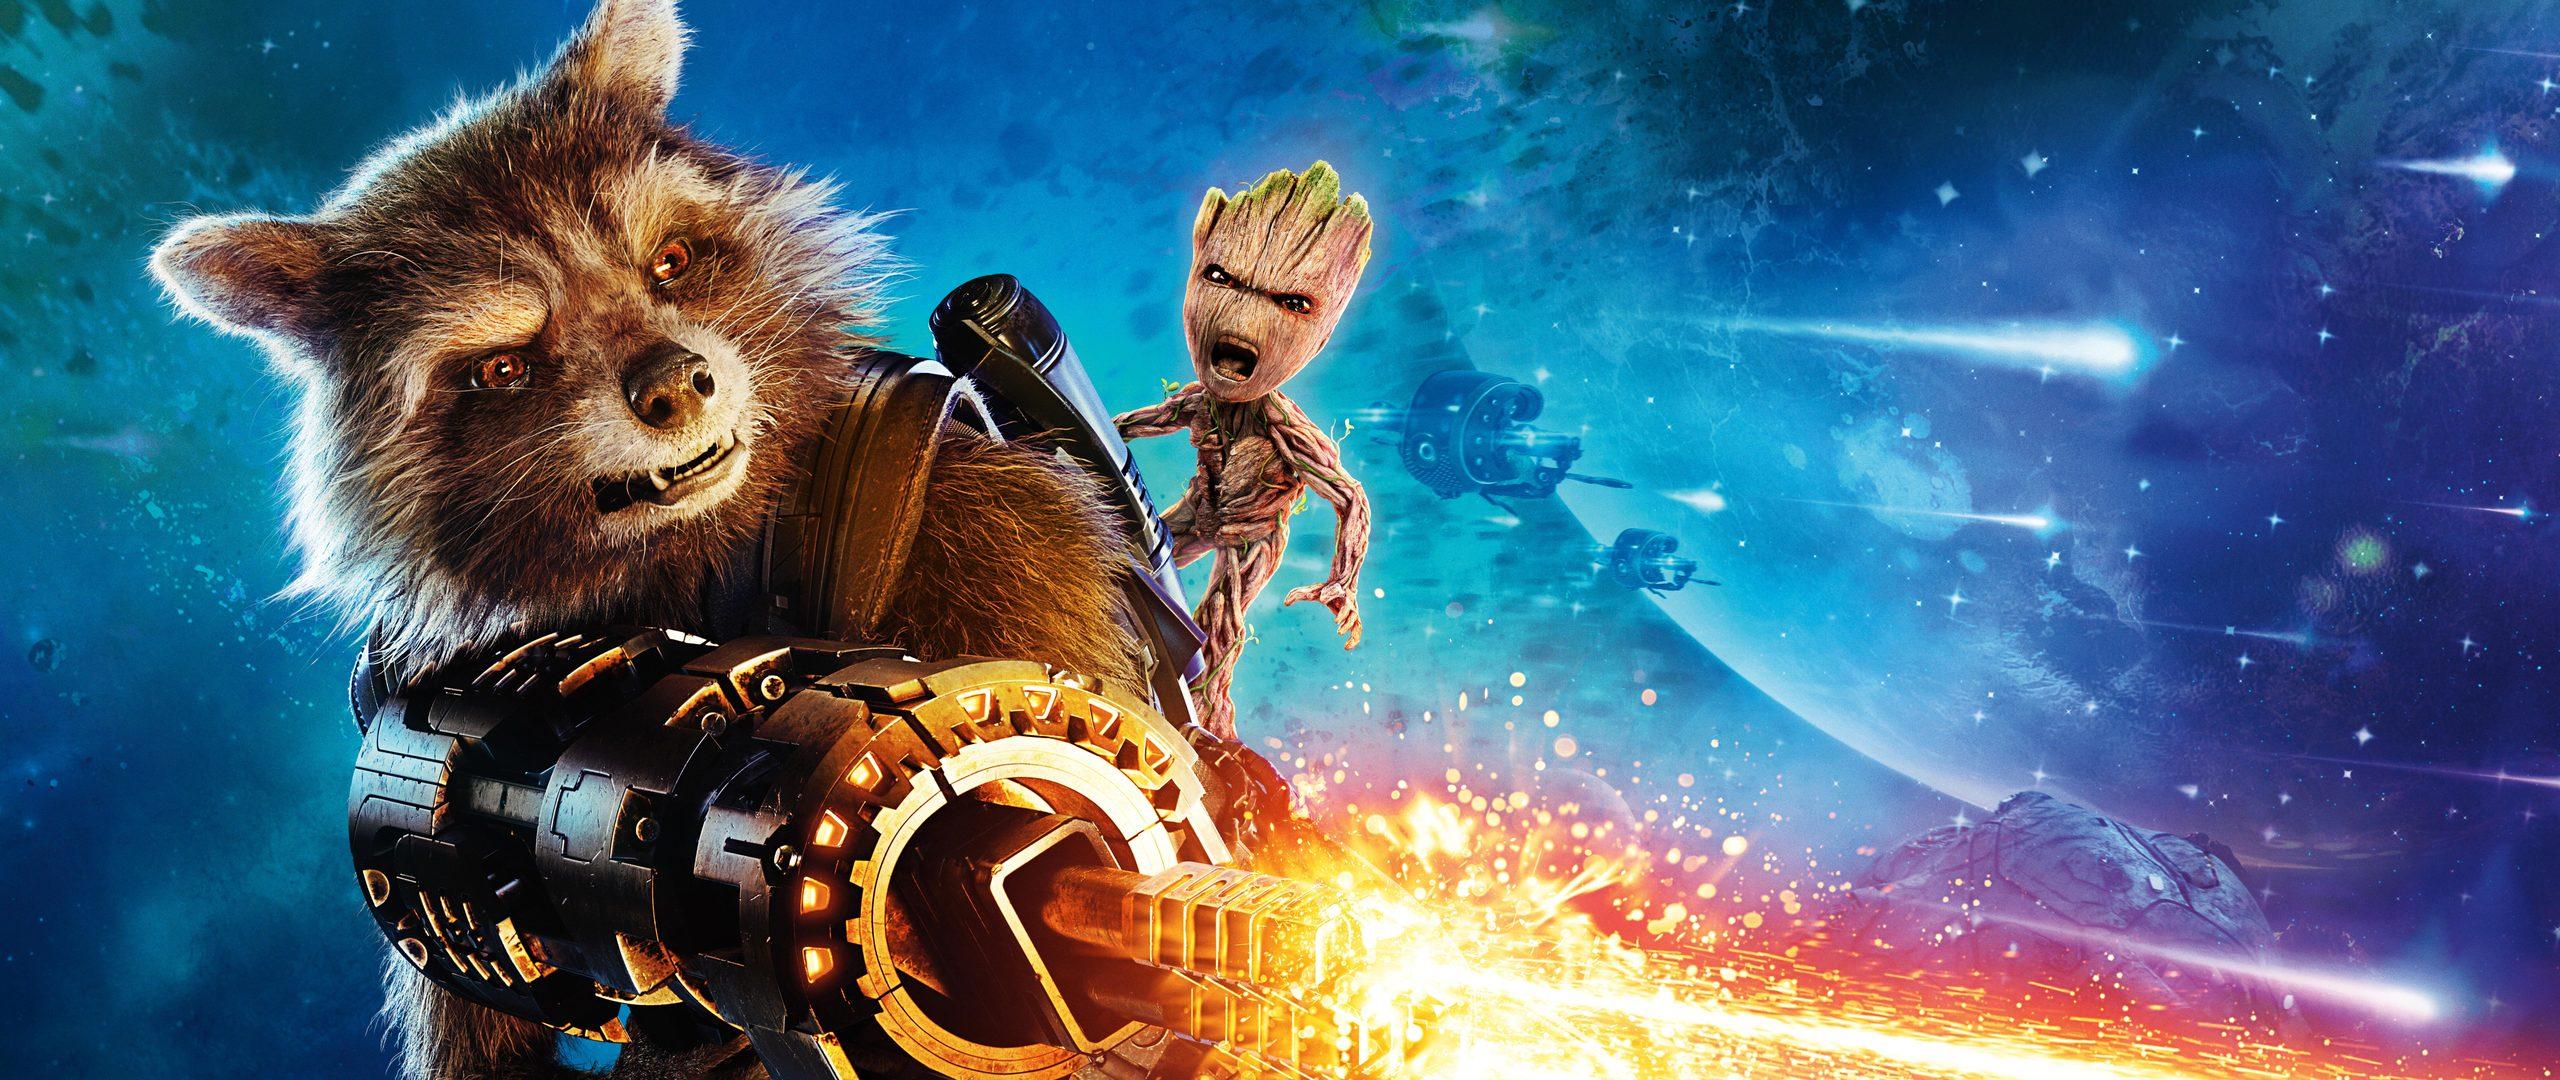 Drax Mengungkapkan Pribadi Thor Dan Guardian of The Galaxy 3 4